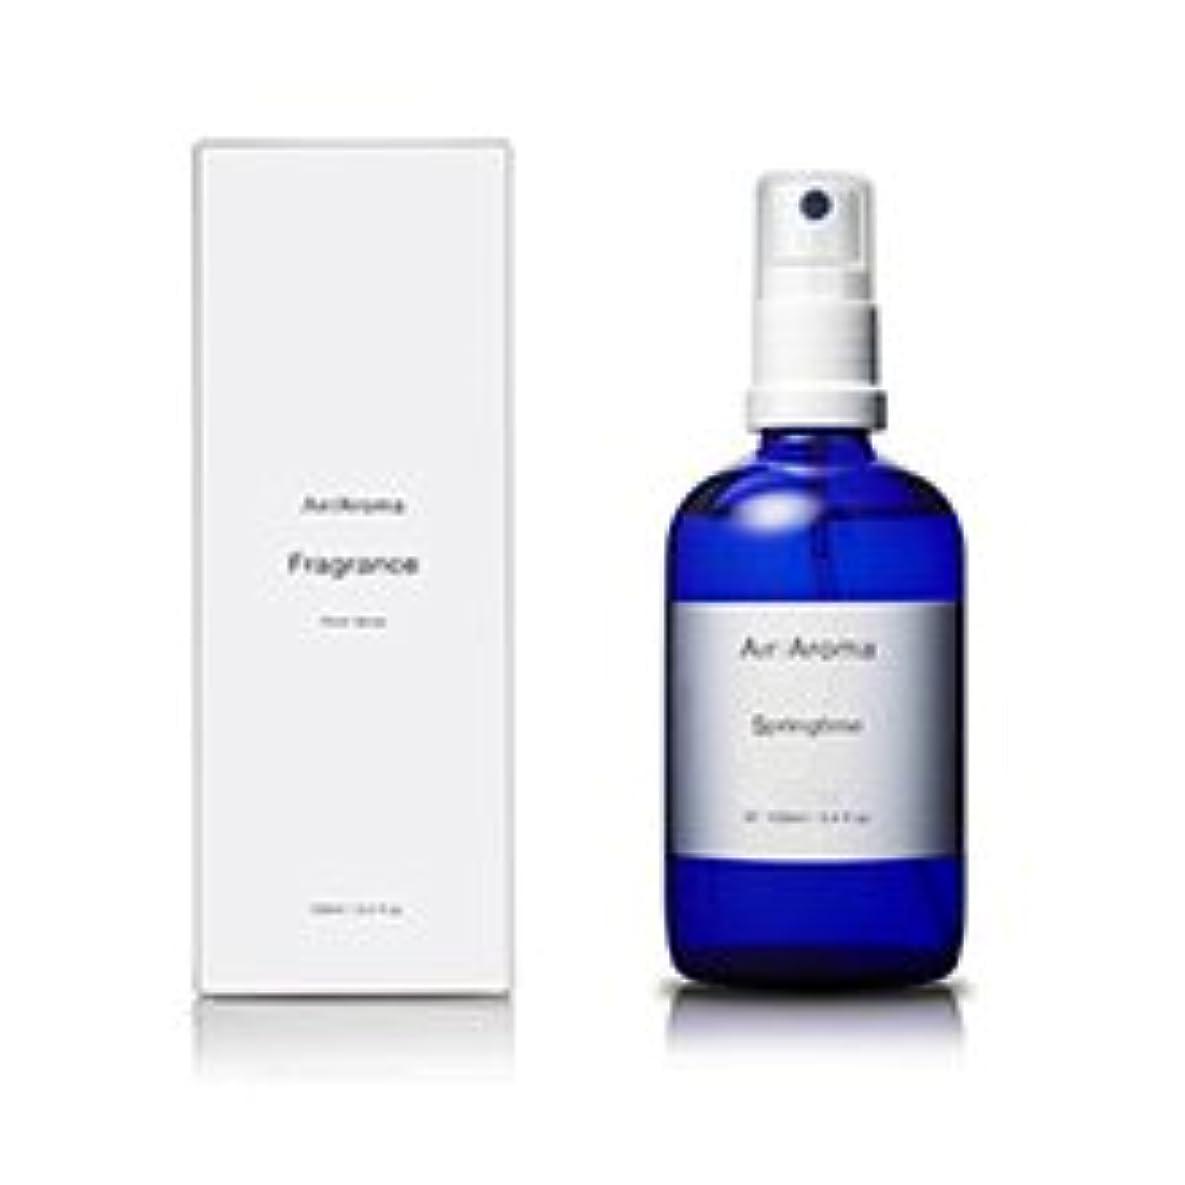 消毒する罹患率違法エアアロマ springtime room fragrance(スプリングタイム ルームフレグランス)100ml